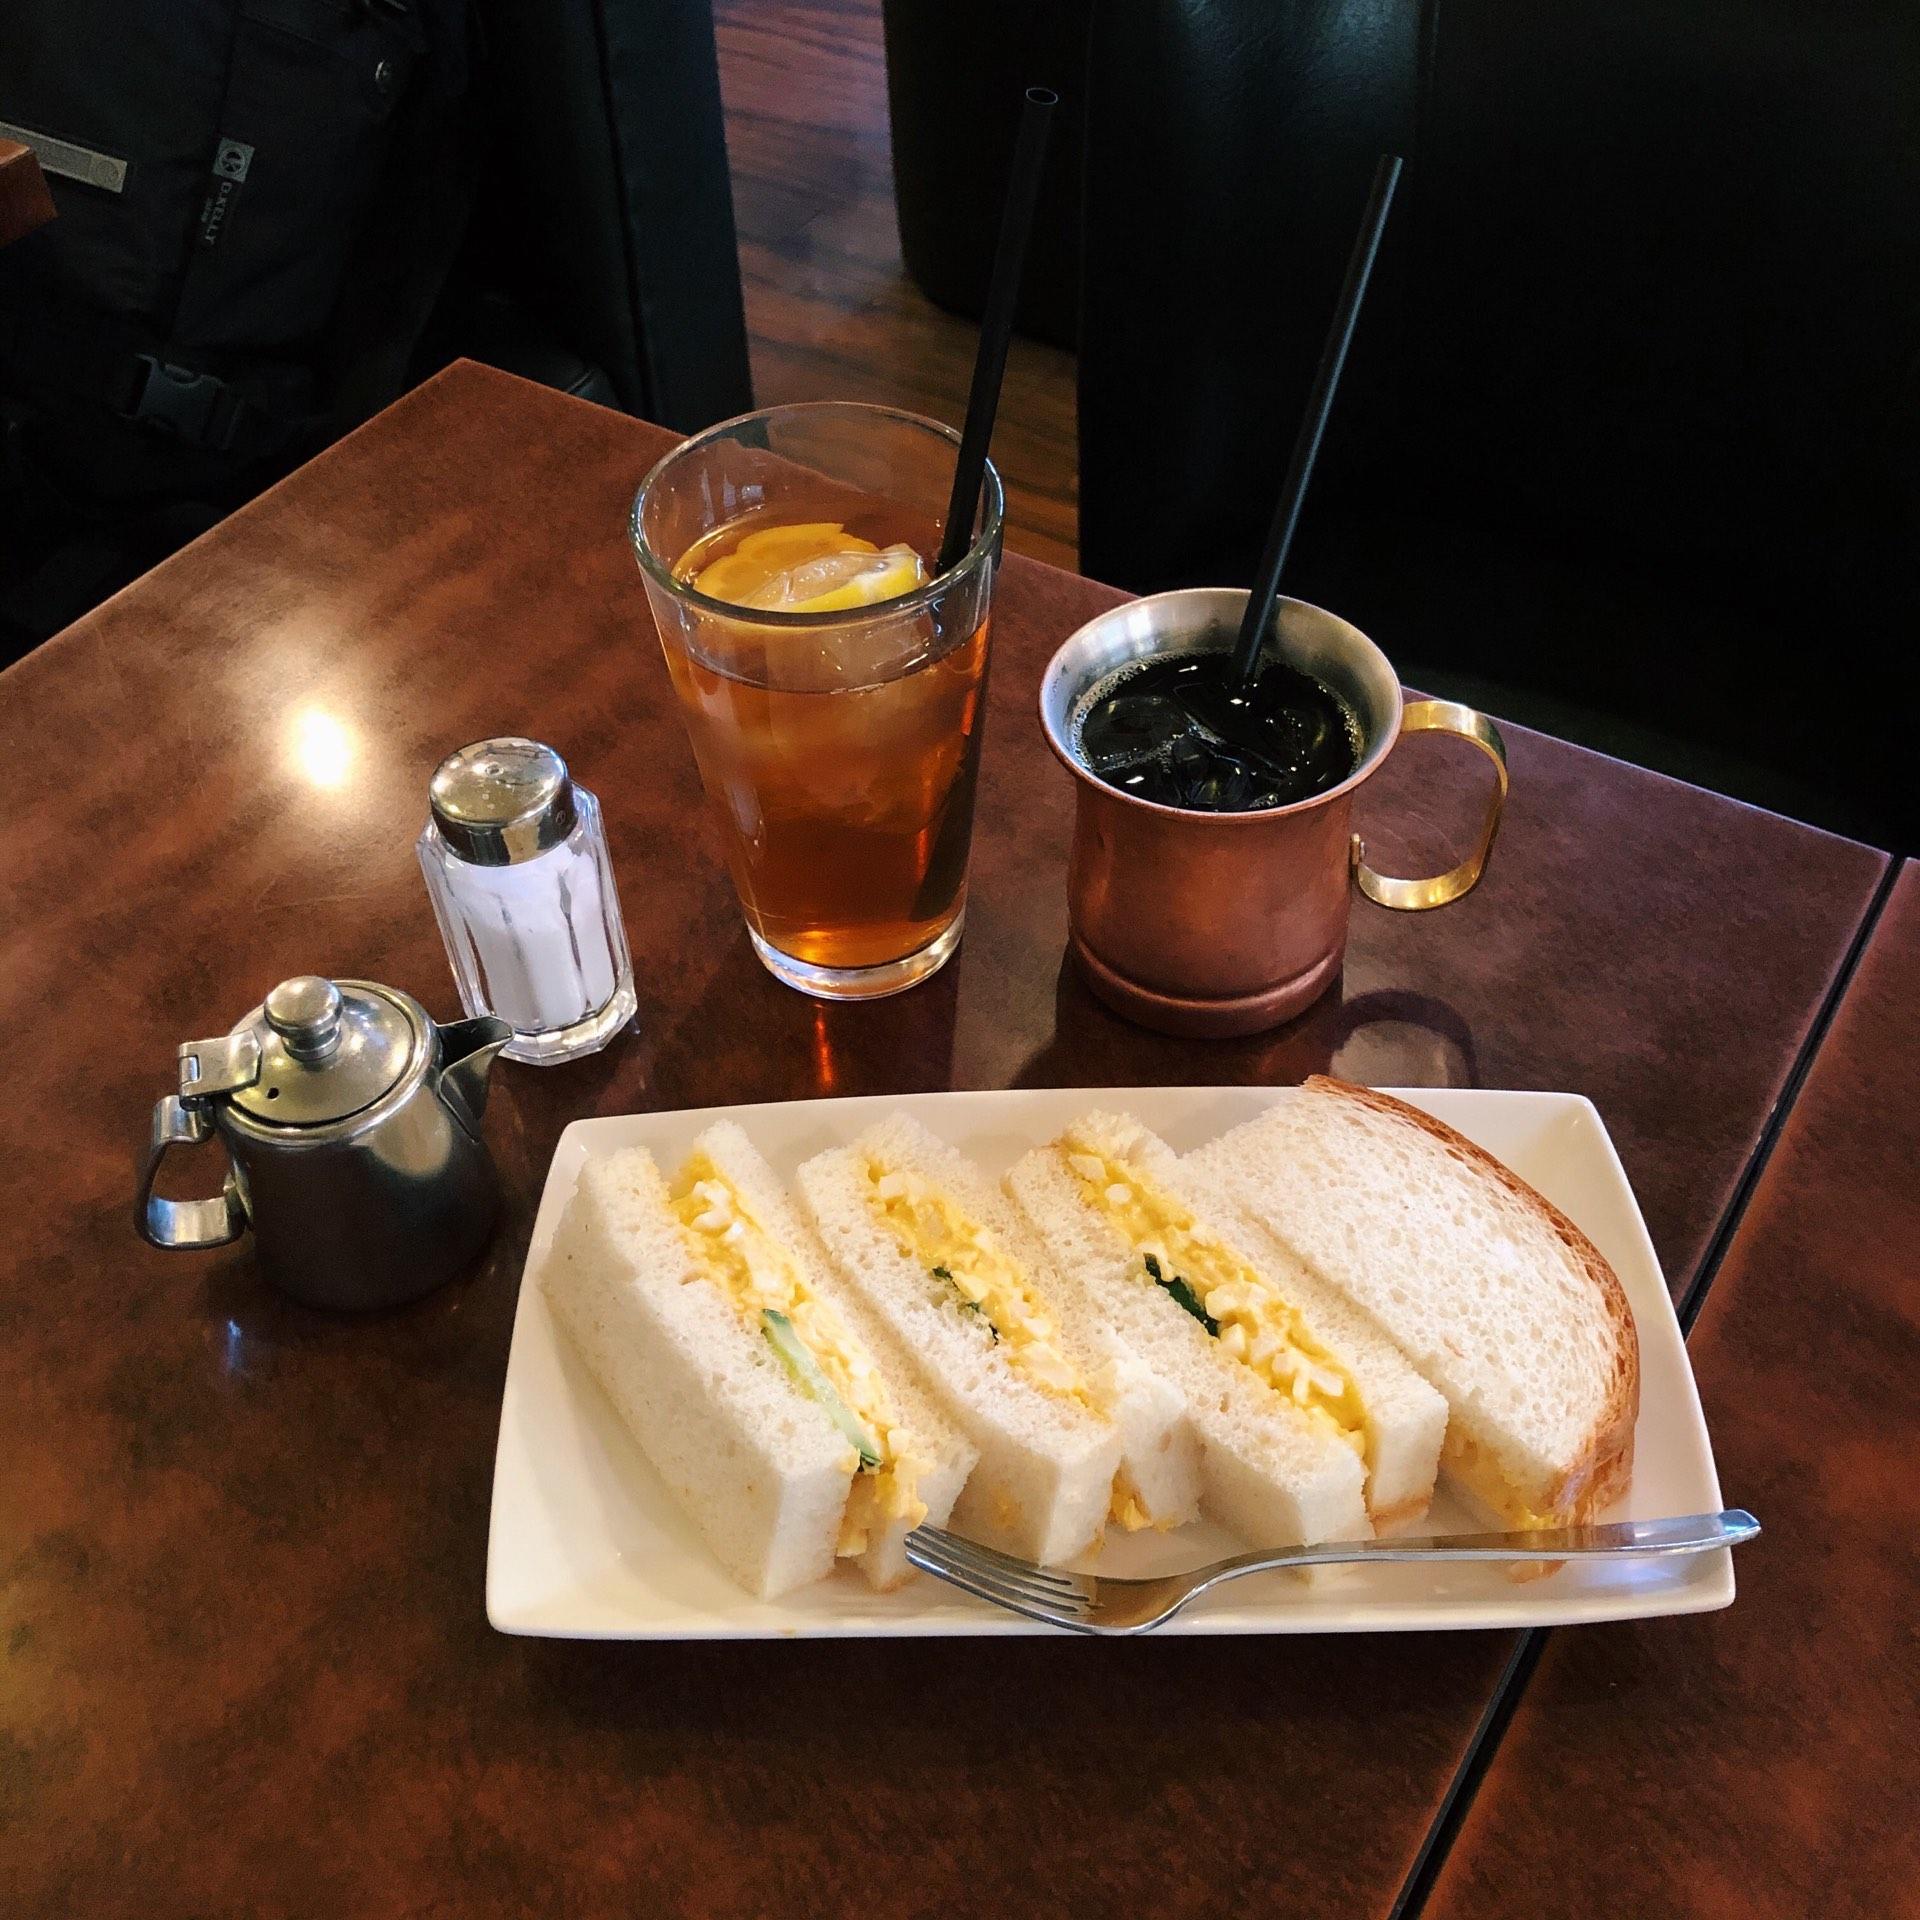 喫茶店友路有の玉子サンド画像